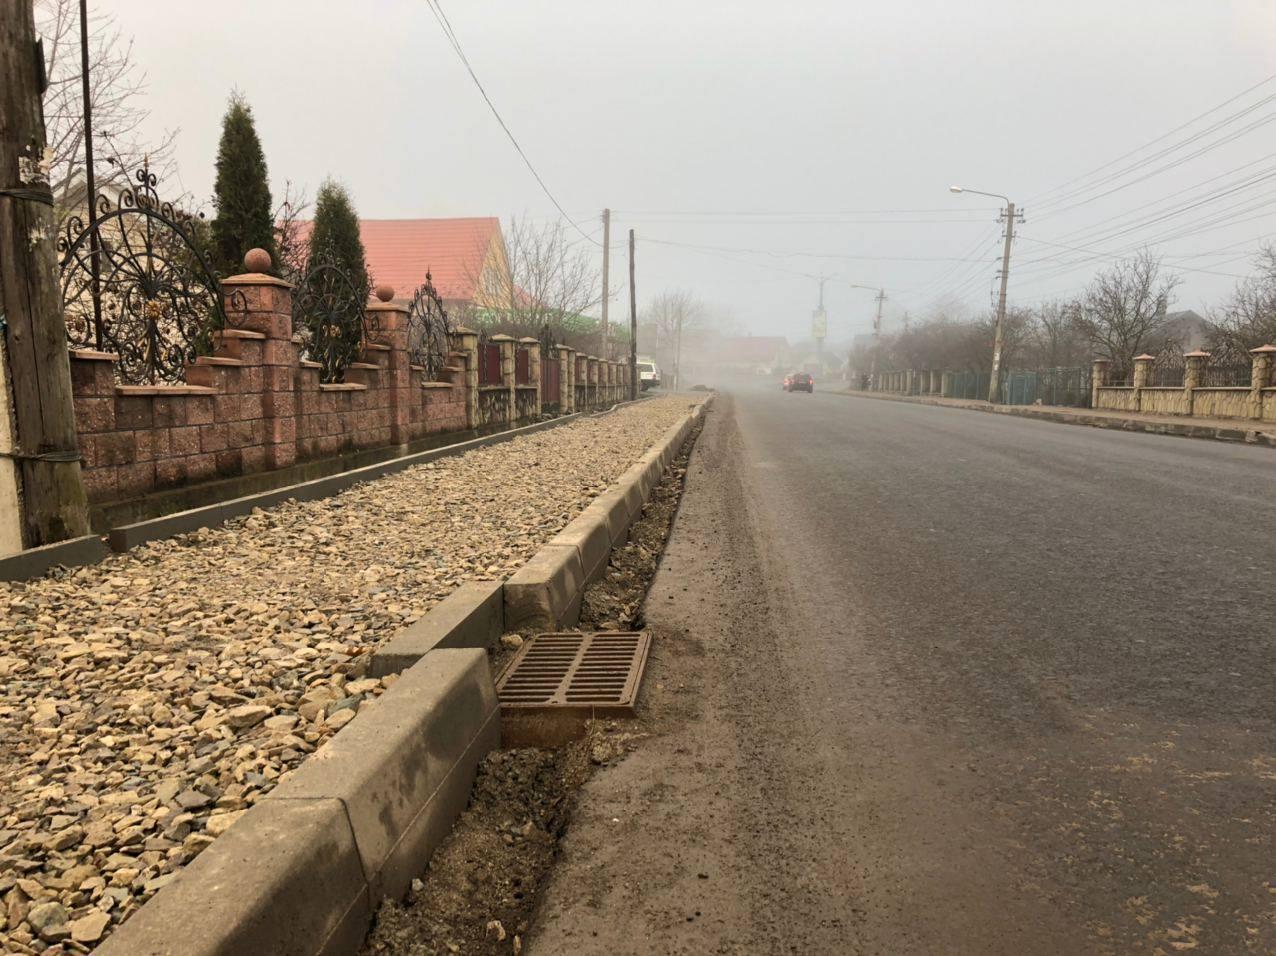 У Надвірній на автодорозіН-09 облаштовують тротуари (ФОТО)